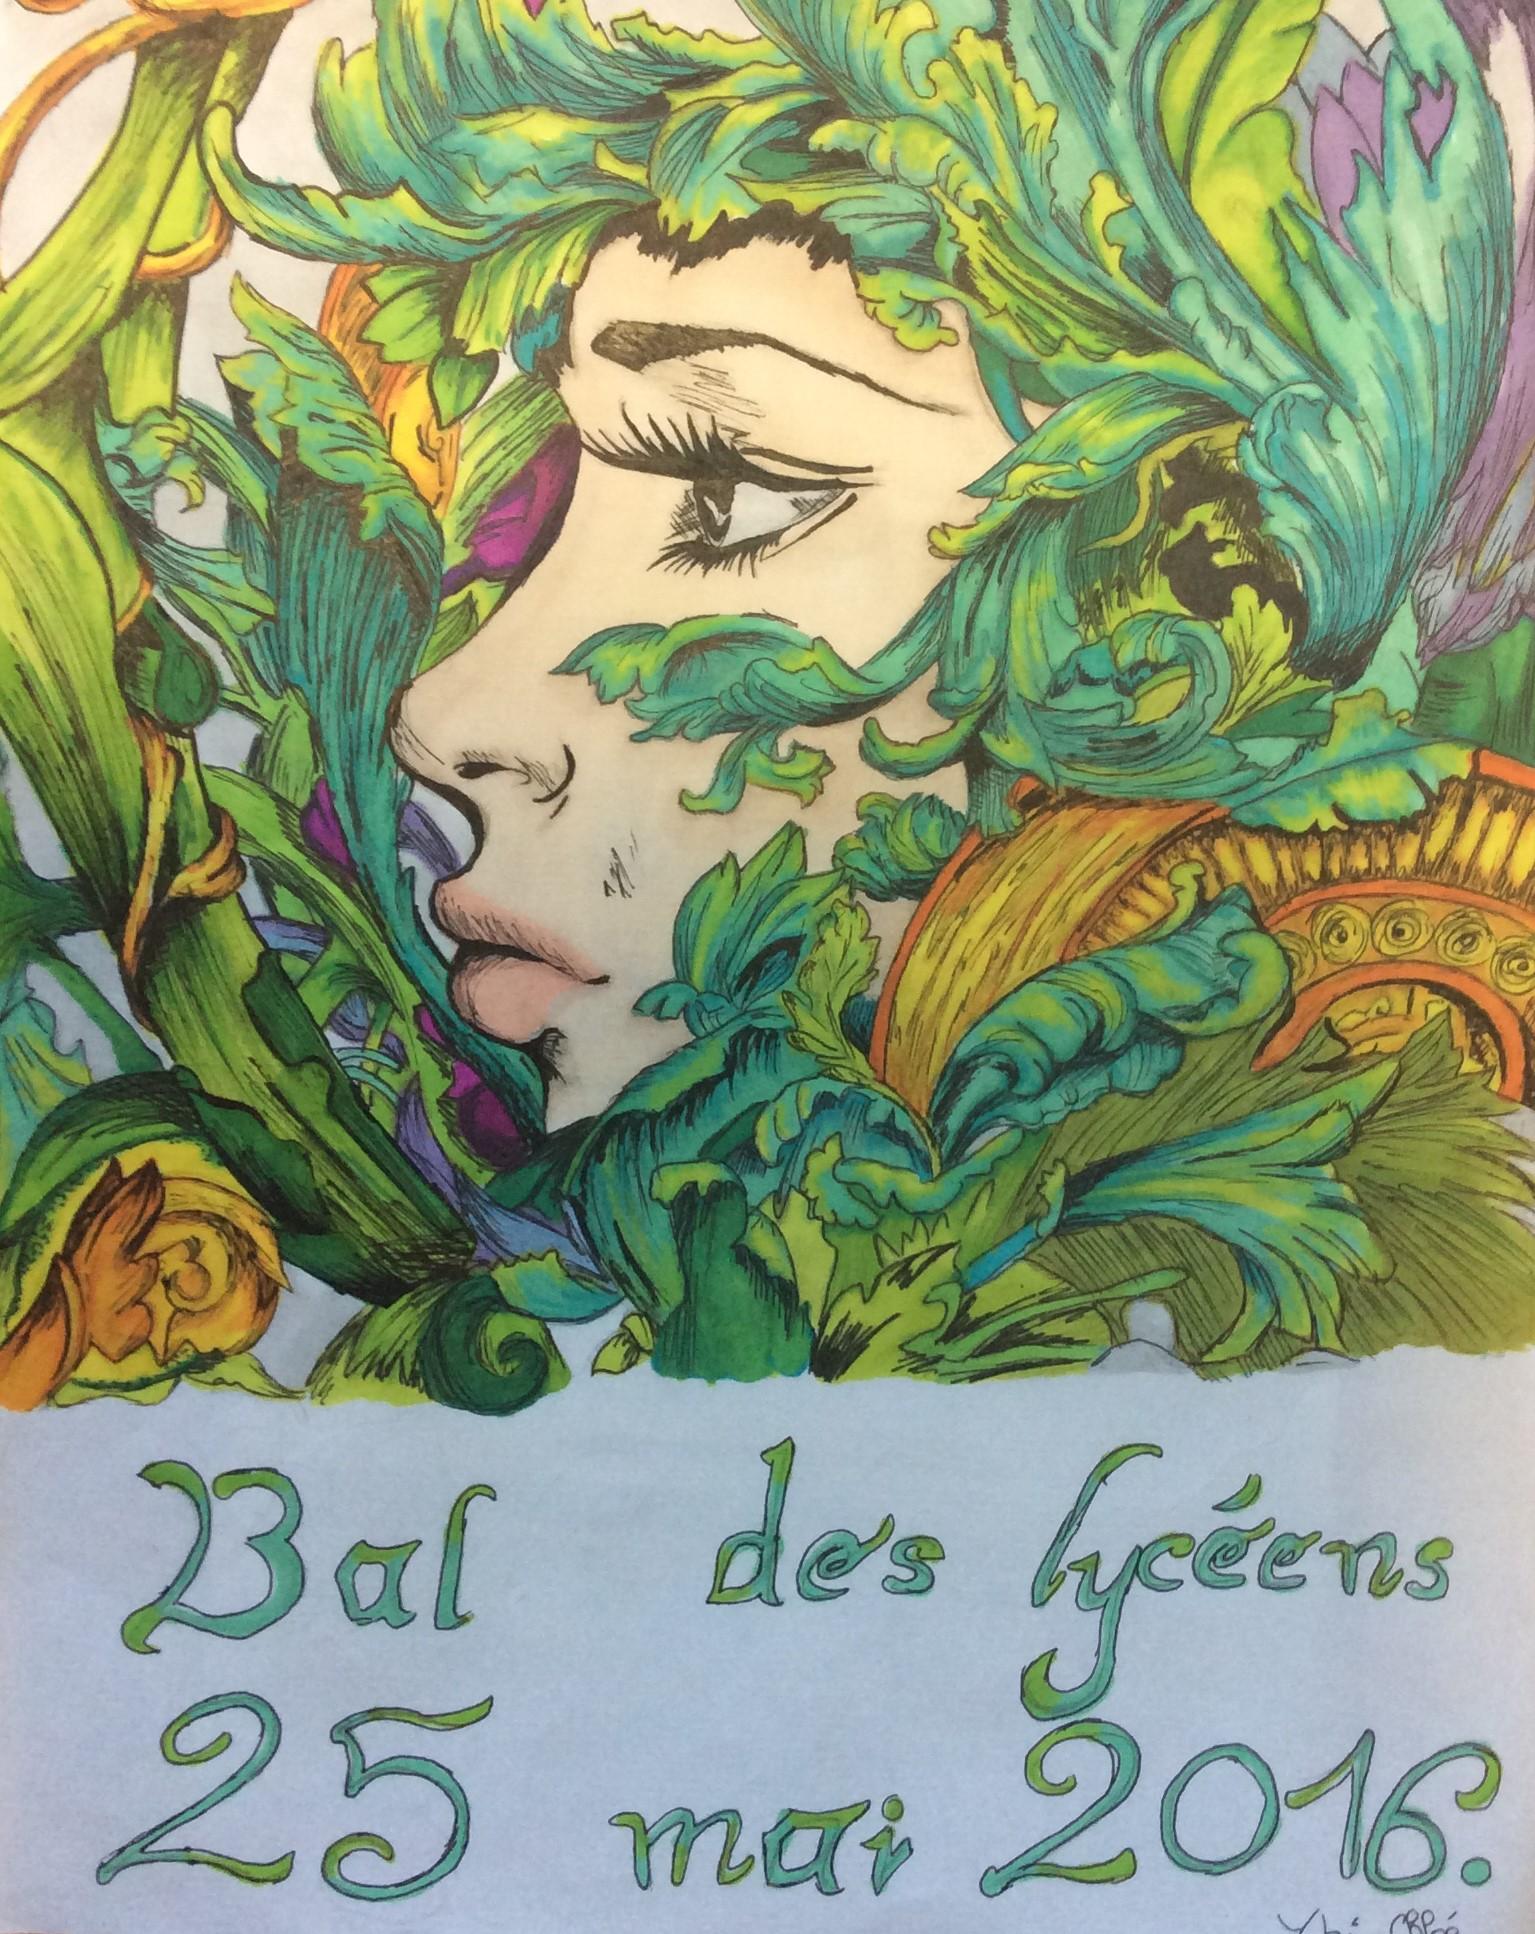 Dans le cadre du Parcours d'Education Artistique et Culturelle, nous travaillons un EPI (Enseignements Pratiques Interdisciplinaires) intitulé « De l'esclavage à l'esprit des Lumières, Le long chemin de la Liberté » en Histoire, Français, Anglais, Arts Plastiques et Education Musicale, avec l'ensemble des classes de 4è.  Une sortie à Bordeaux a été organisée toute la journée du jeudi 26 Septembre. L'objectif est tout d'abord de donner du sens au travail fait en classe en permettant aux élèves de découvrir sous forme de visite-guidée le « Bordeaux du XVIIIe siècle » et de voir l'exposition « La passion de la Liberté. Des Lumières au Romantisme » à la Galerie des Beaux Arts sur le thème abordé. L'idée est aussi de favoriser leur ouverture intellectuelle et d'éveiller leur curiosité.